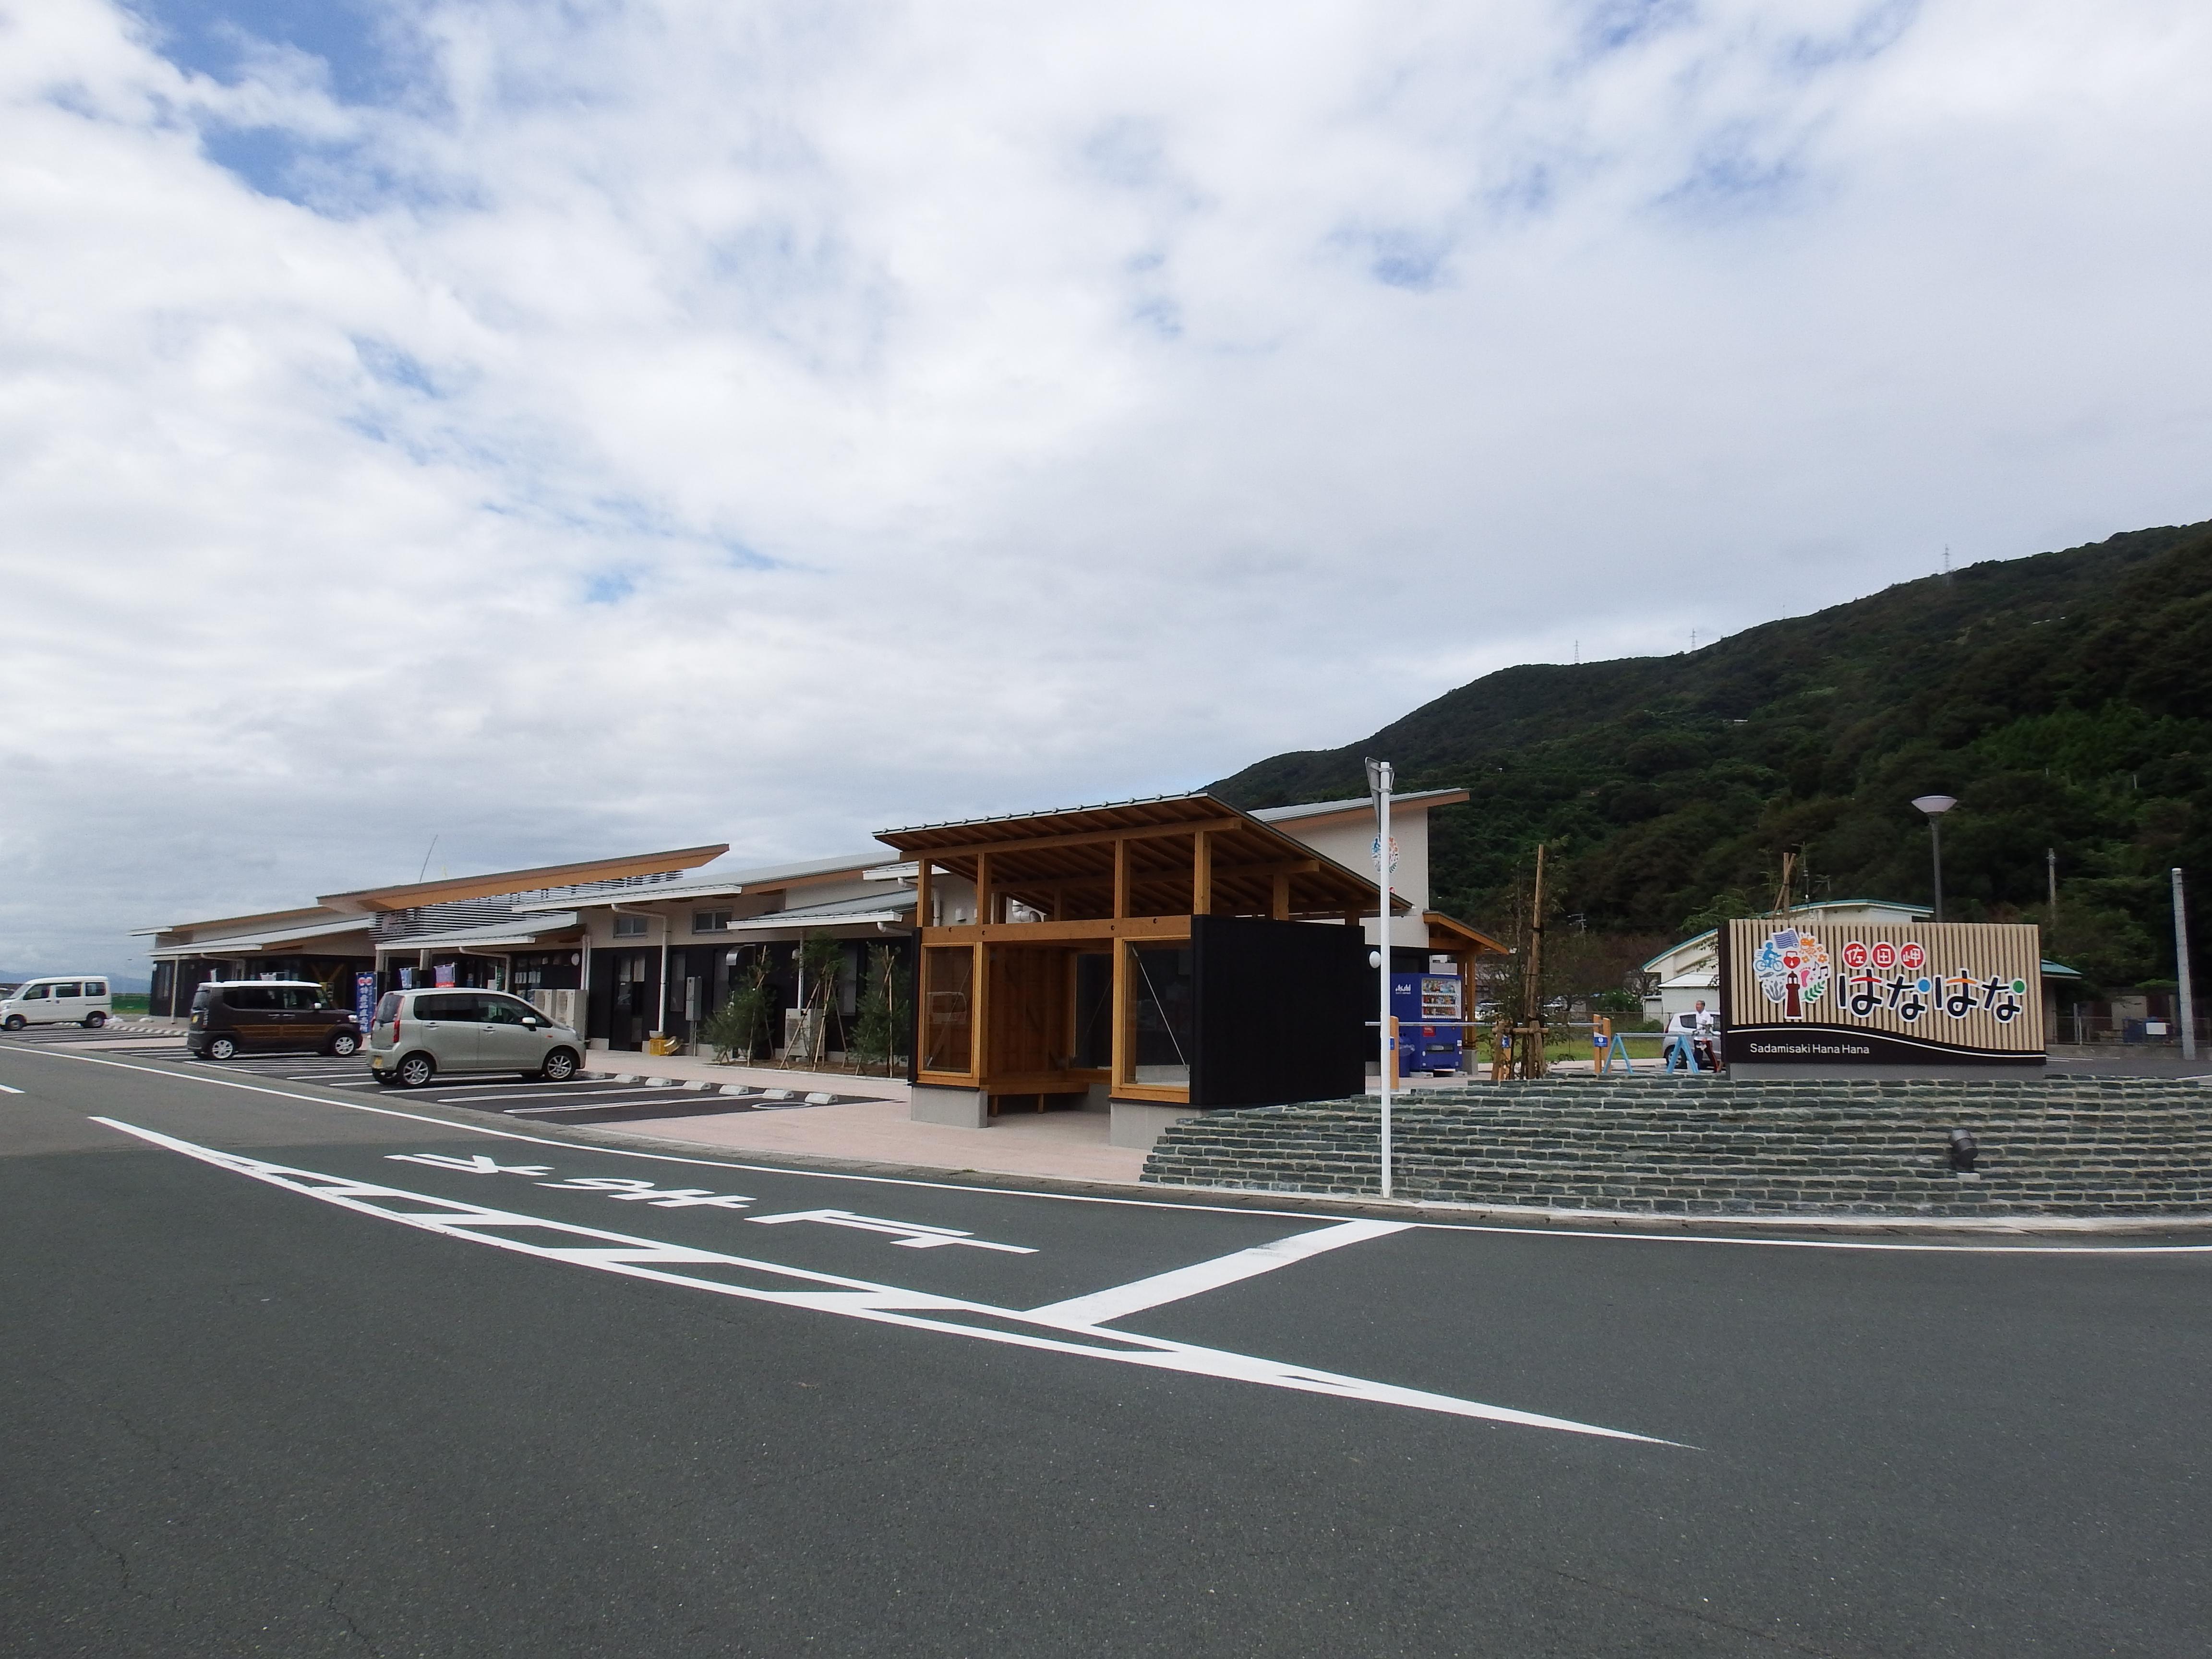 耳より新情報!伊方町三崎にある「佐田岬はなはな」にご当地グルメが誕生!?